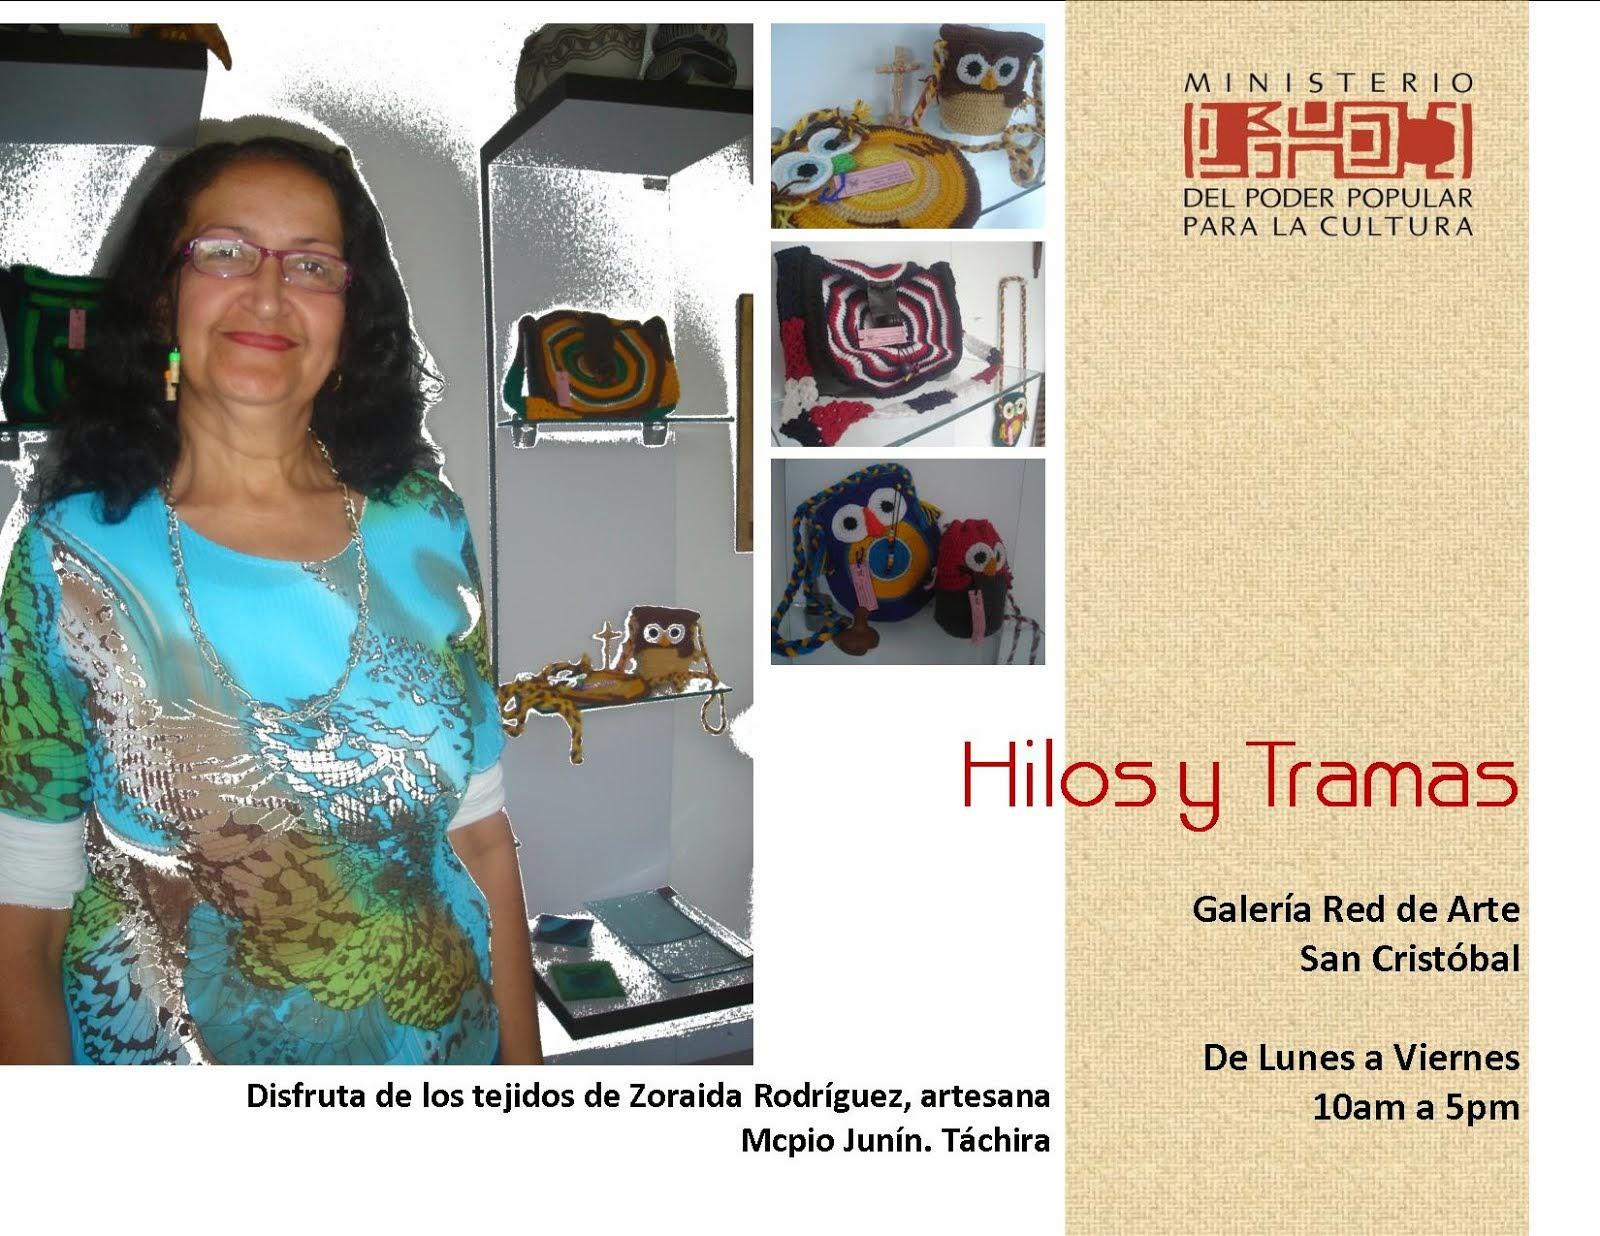 HILOS Y TRAMAS. Conoce el trabajo artesanal de Zoraida Rodríguez.